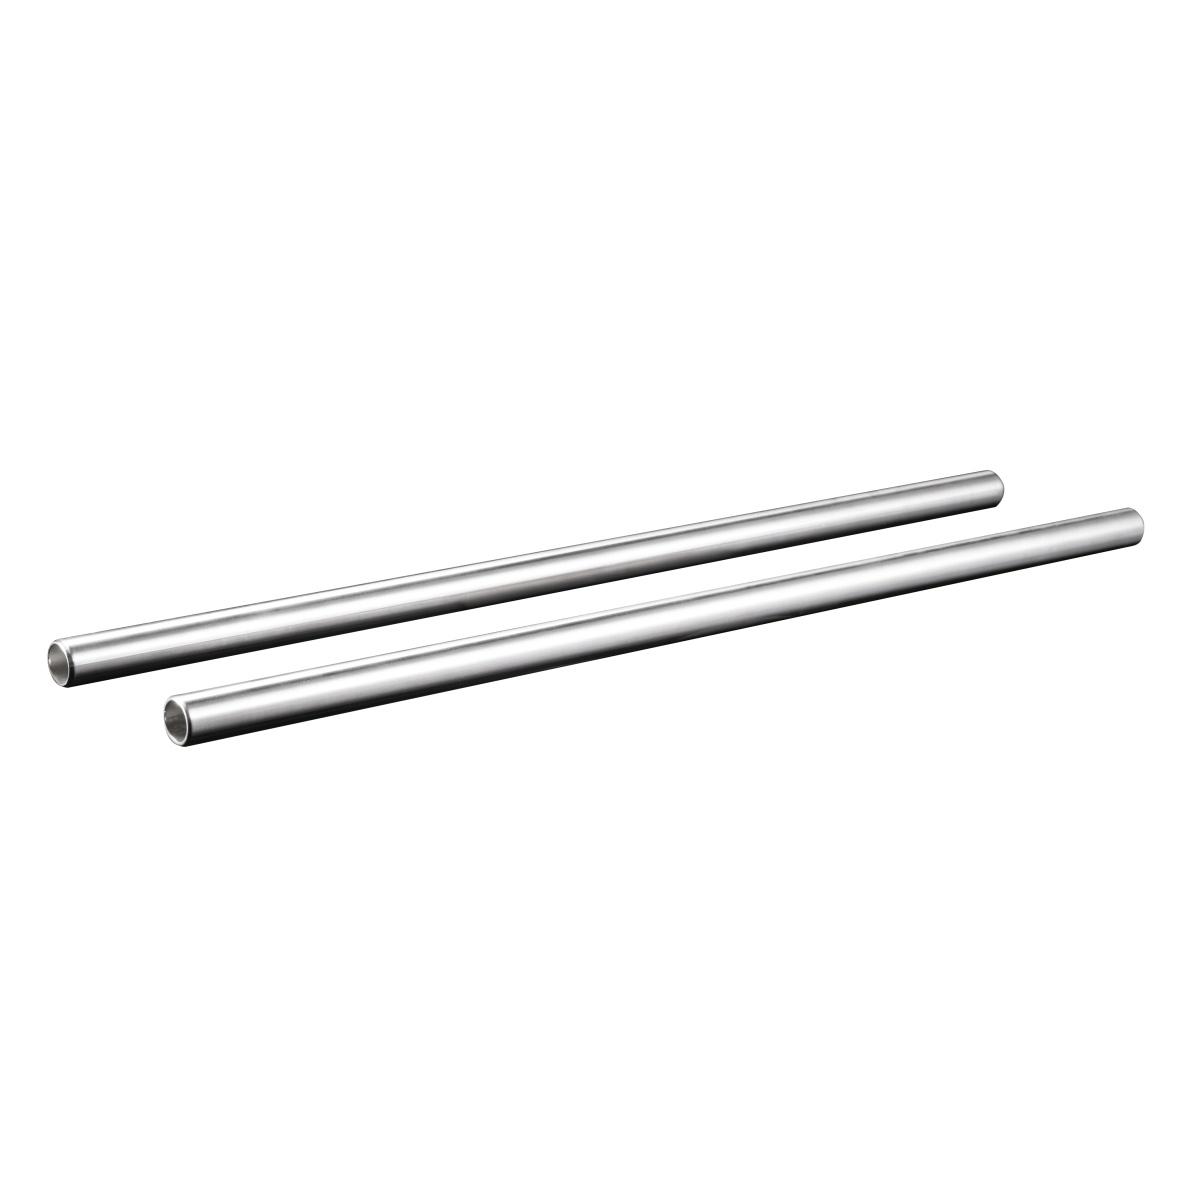 Walimex pro Rods 400 mm f Rig-System 'mutabilis'